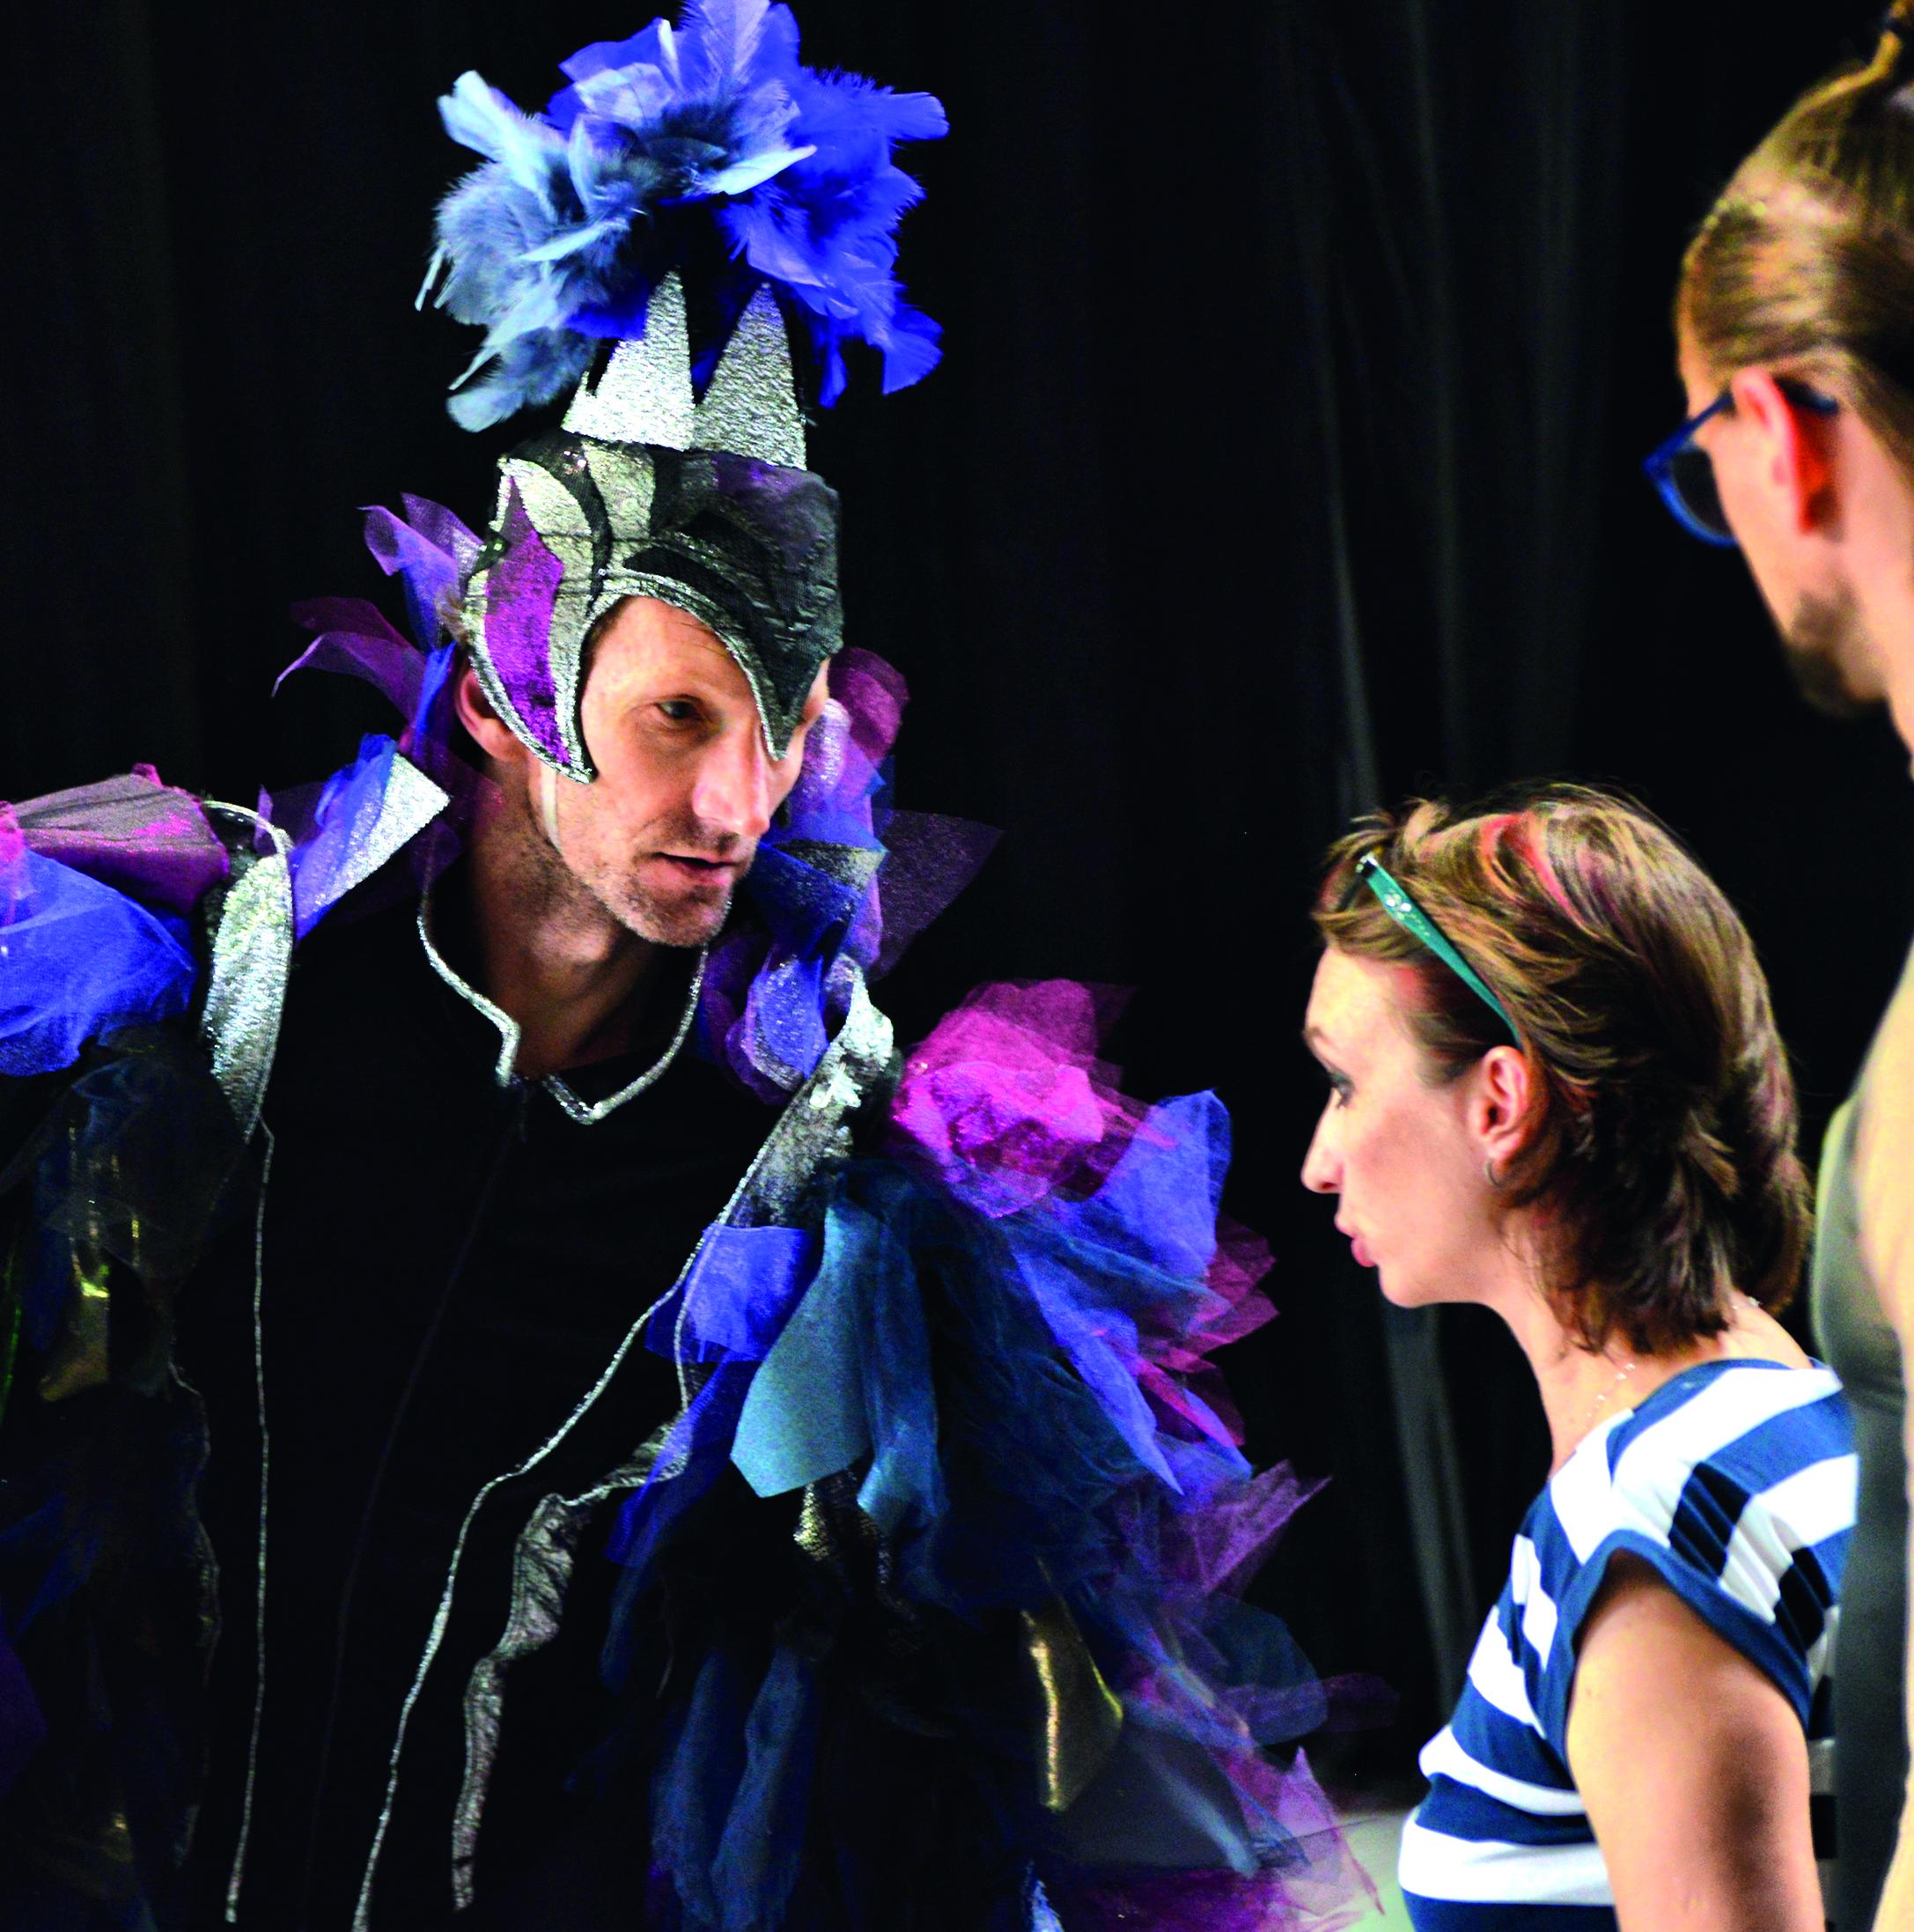 Гершман на репетиции в качестве художественного руководителя Израильского балета.Фото: Лена Запасская